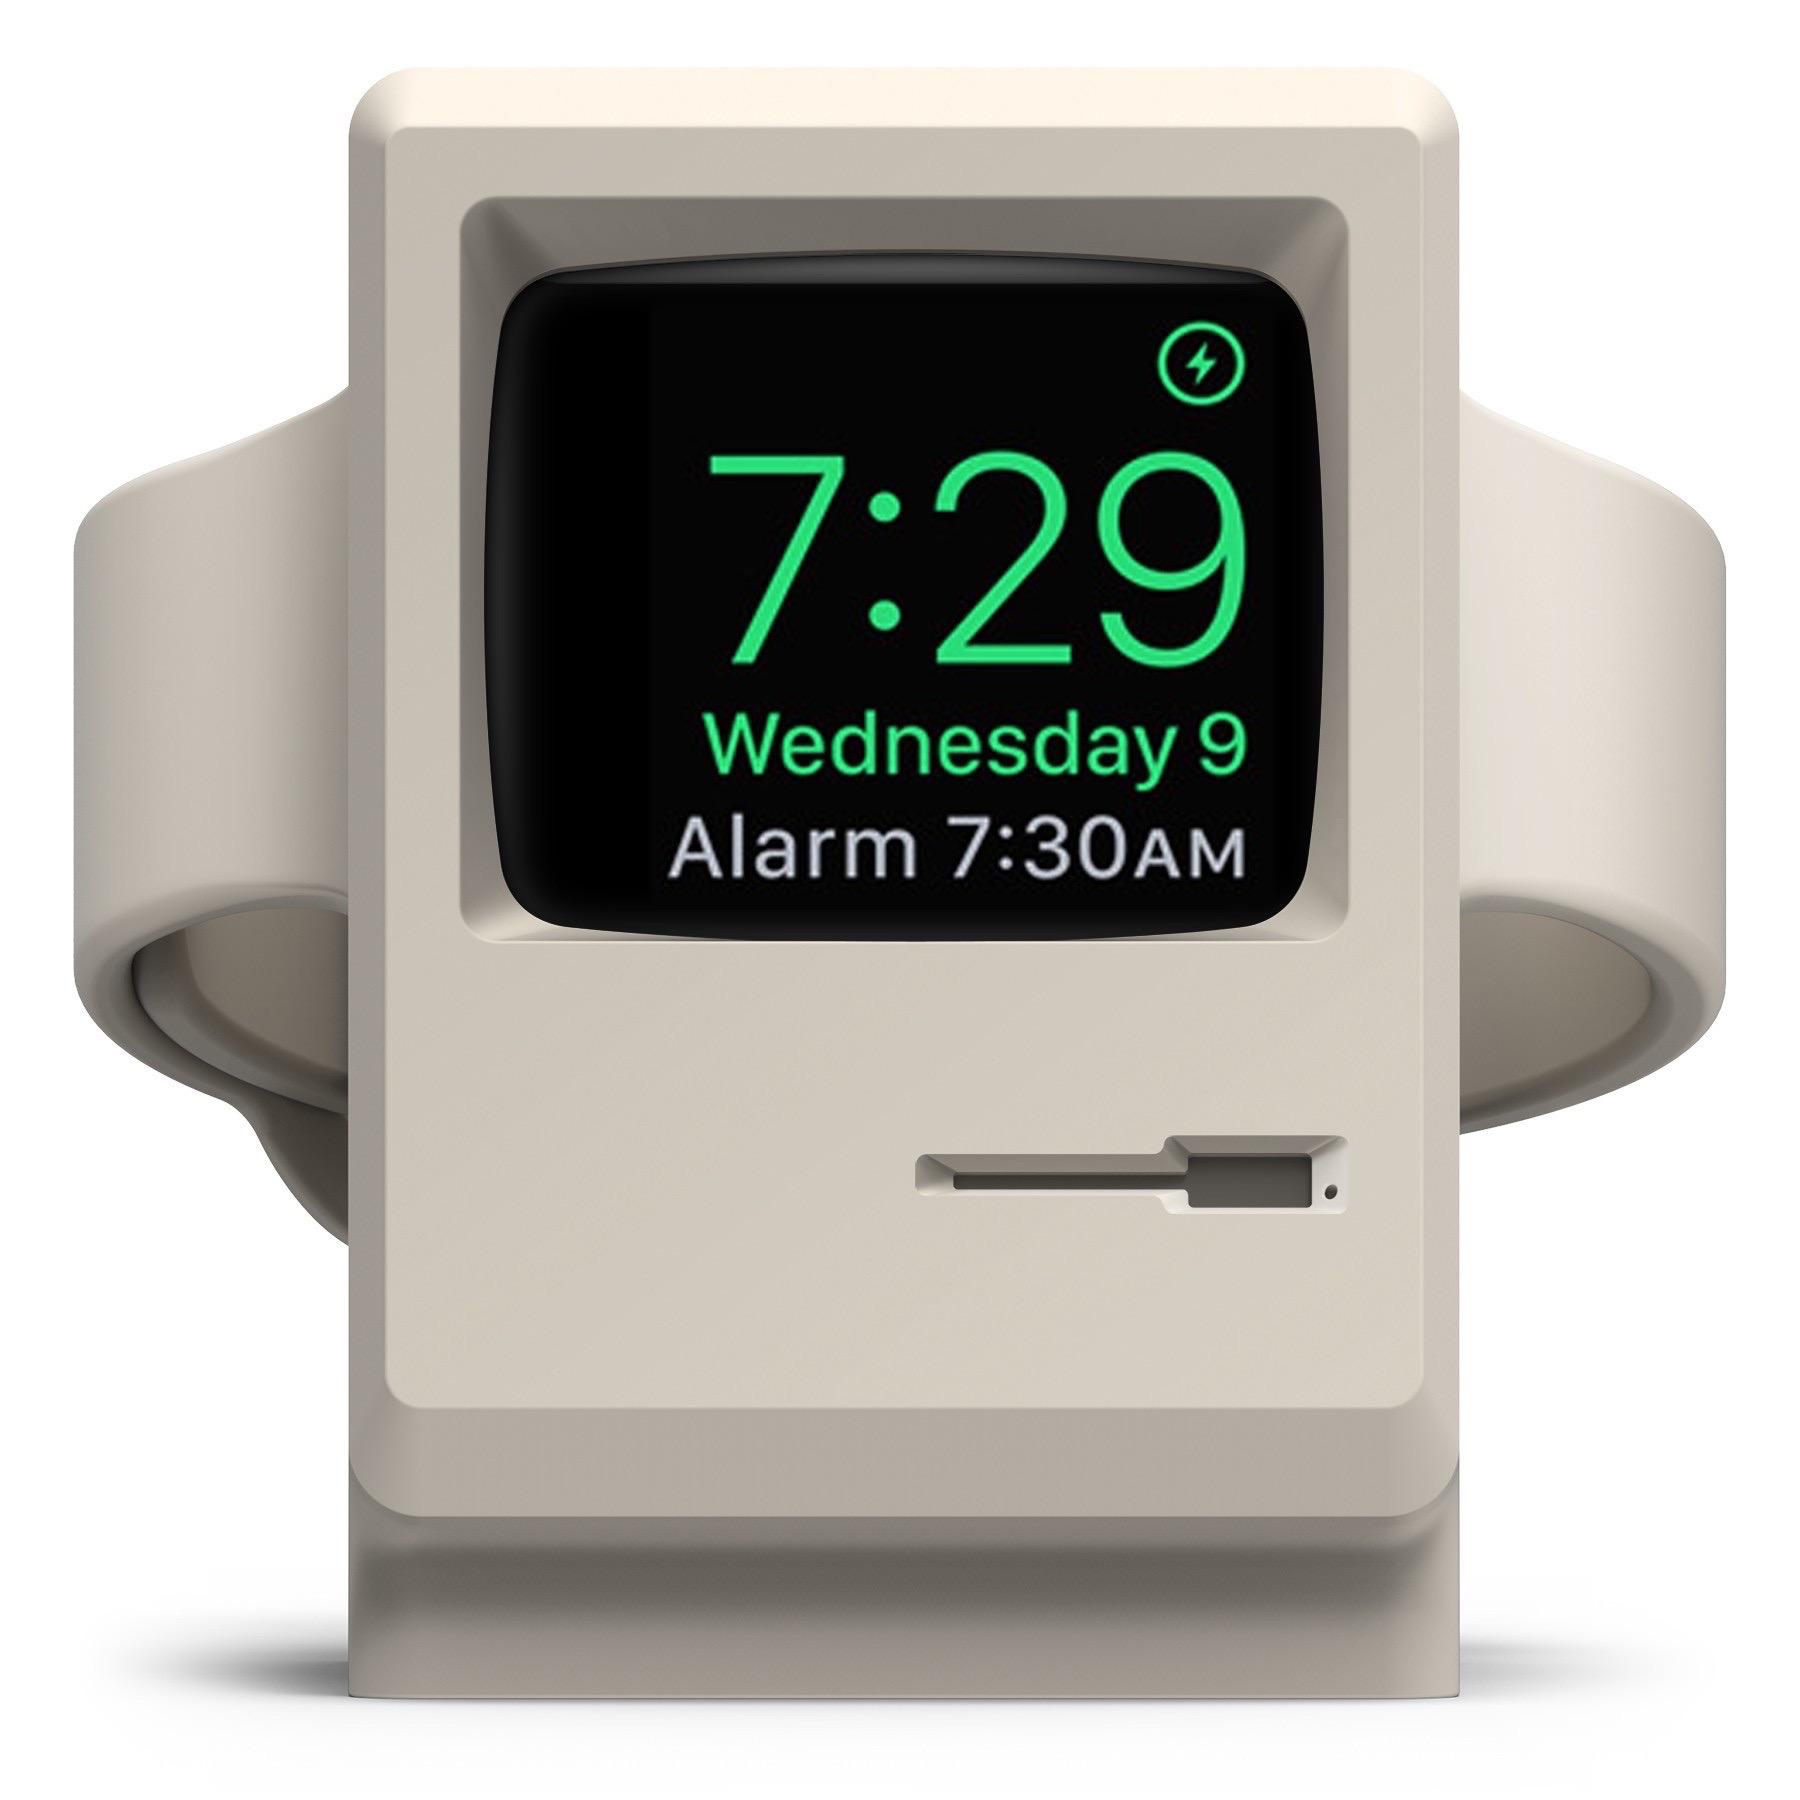 Le plus adorable des supports de recharge Apple Watch se la